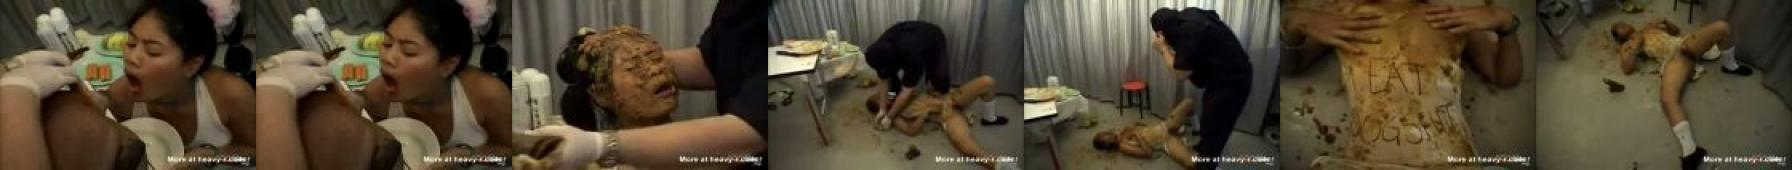 Gówno seks analny porno